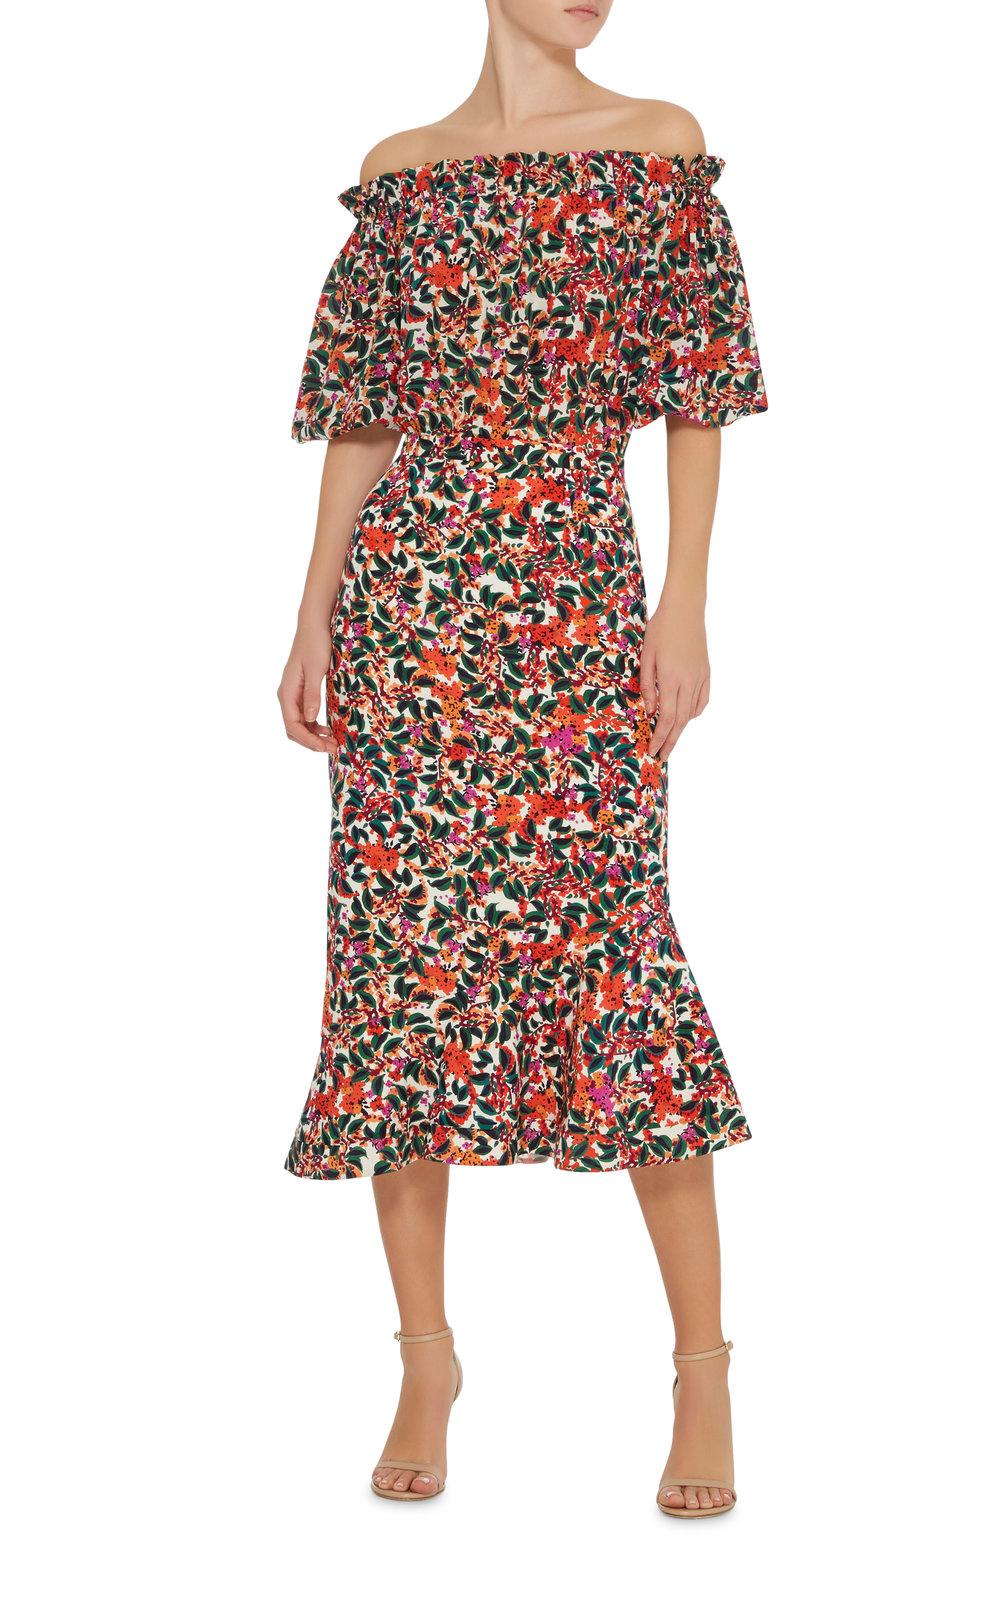 large_saloni-print-grace-off-the-shoulder-printed-dress.jpg